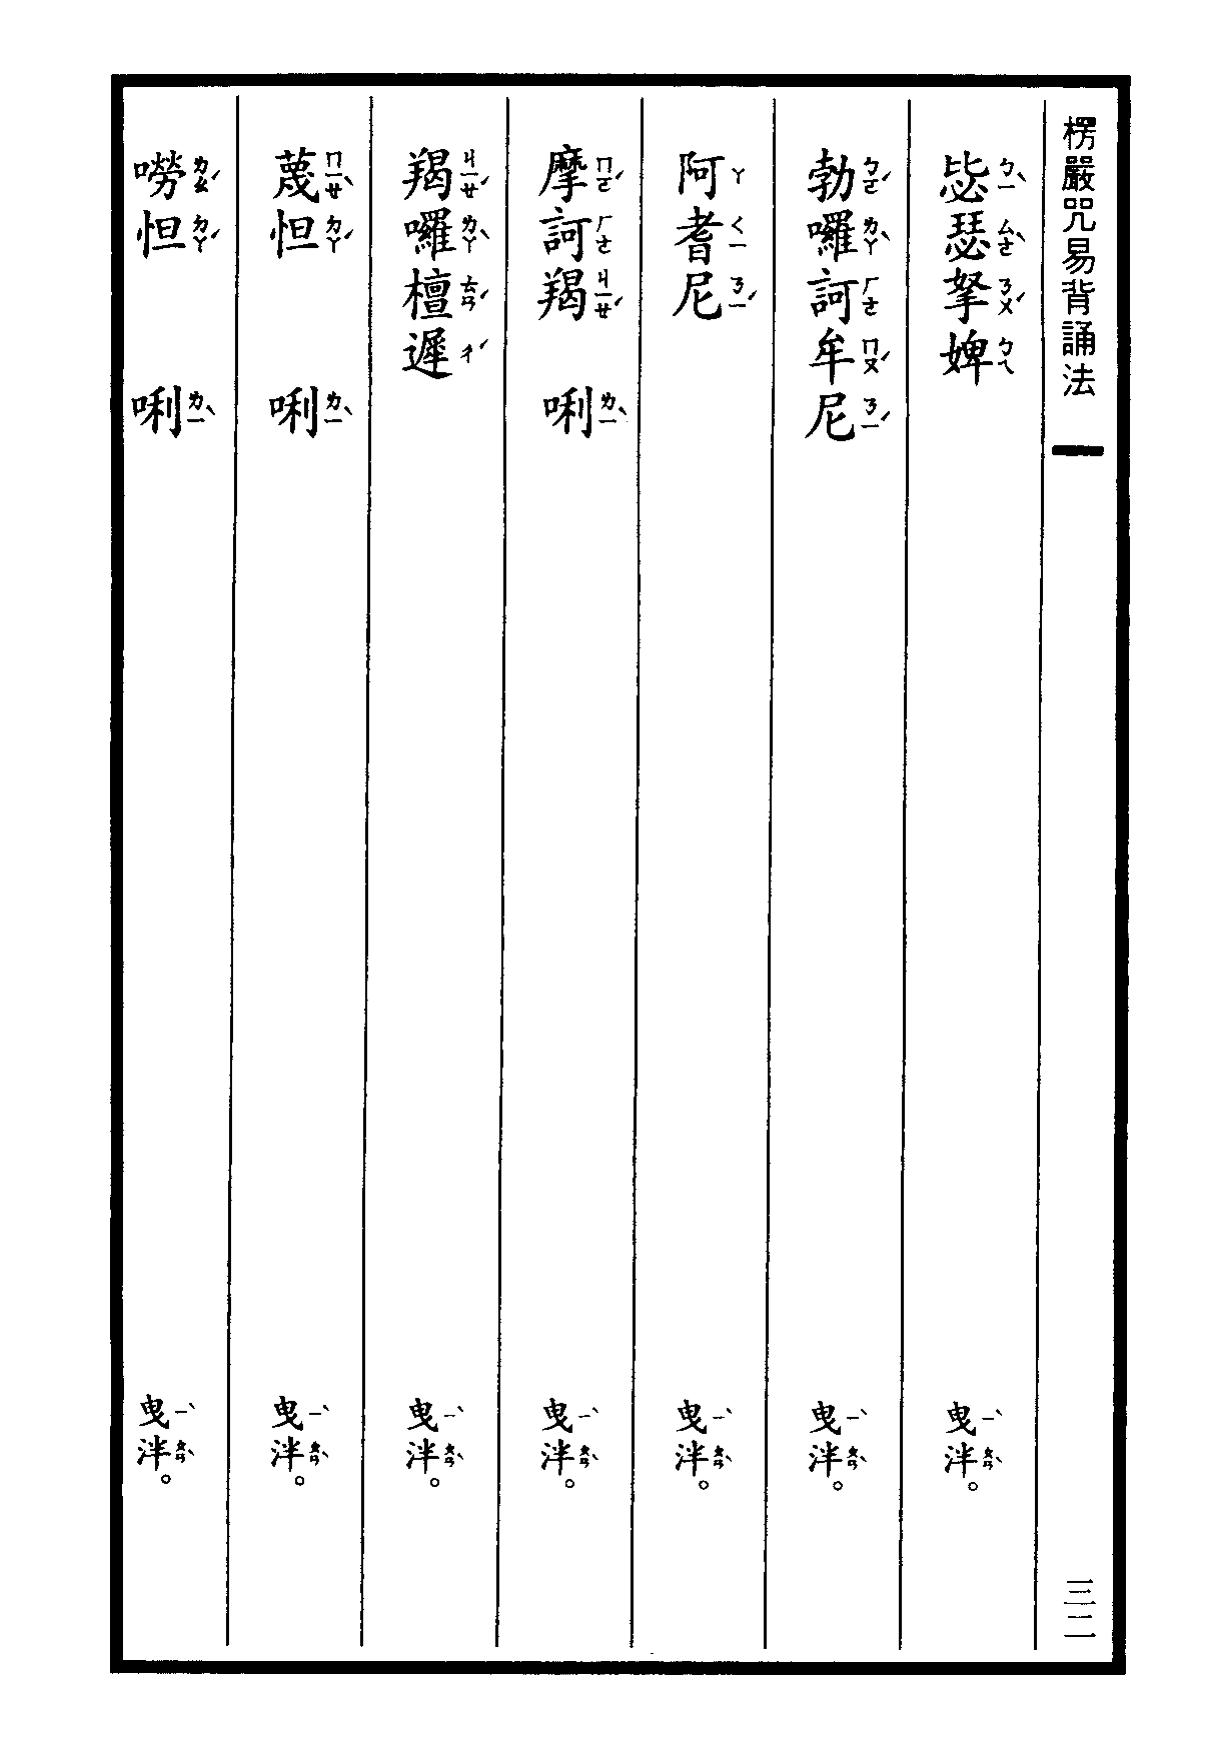 楞嚴咒-大悲咒-十小咒-易背本 38.png